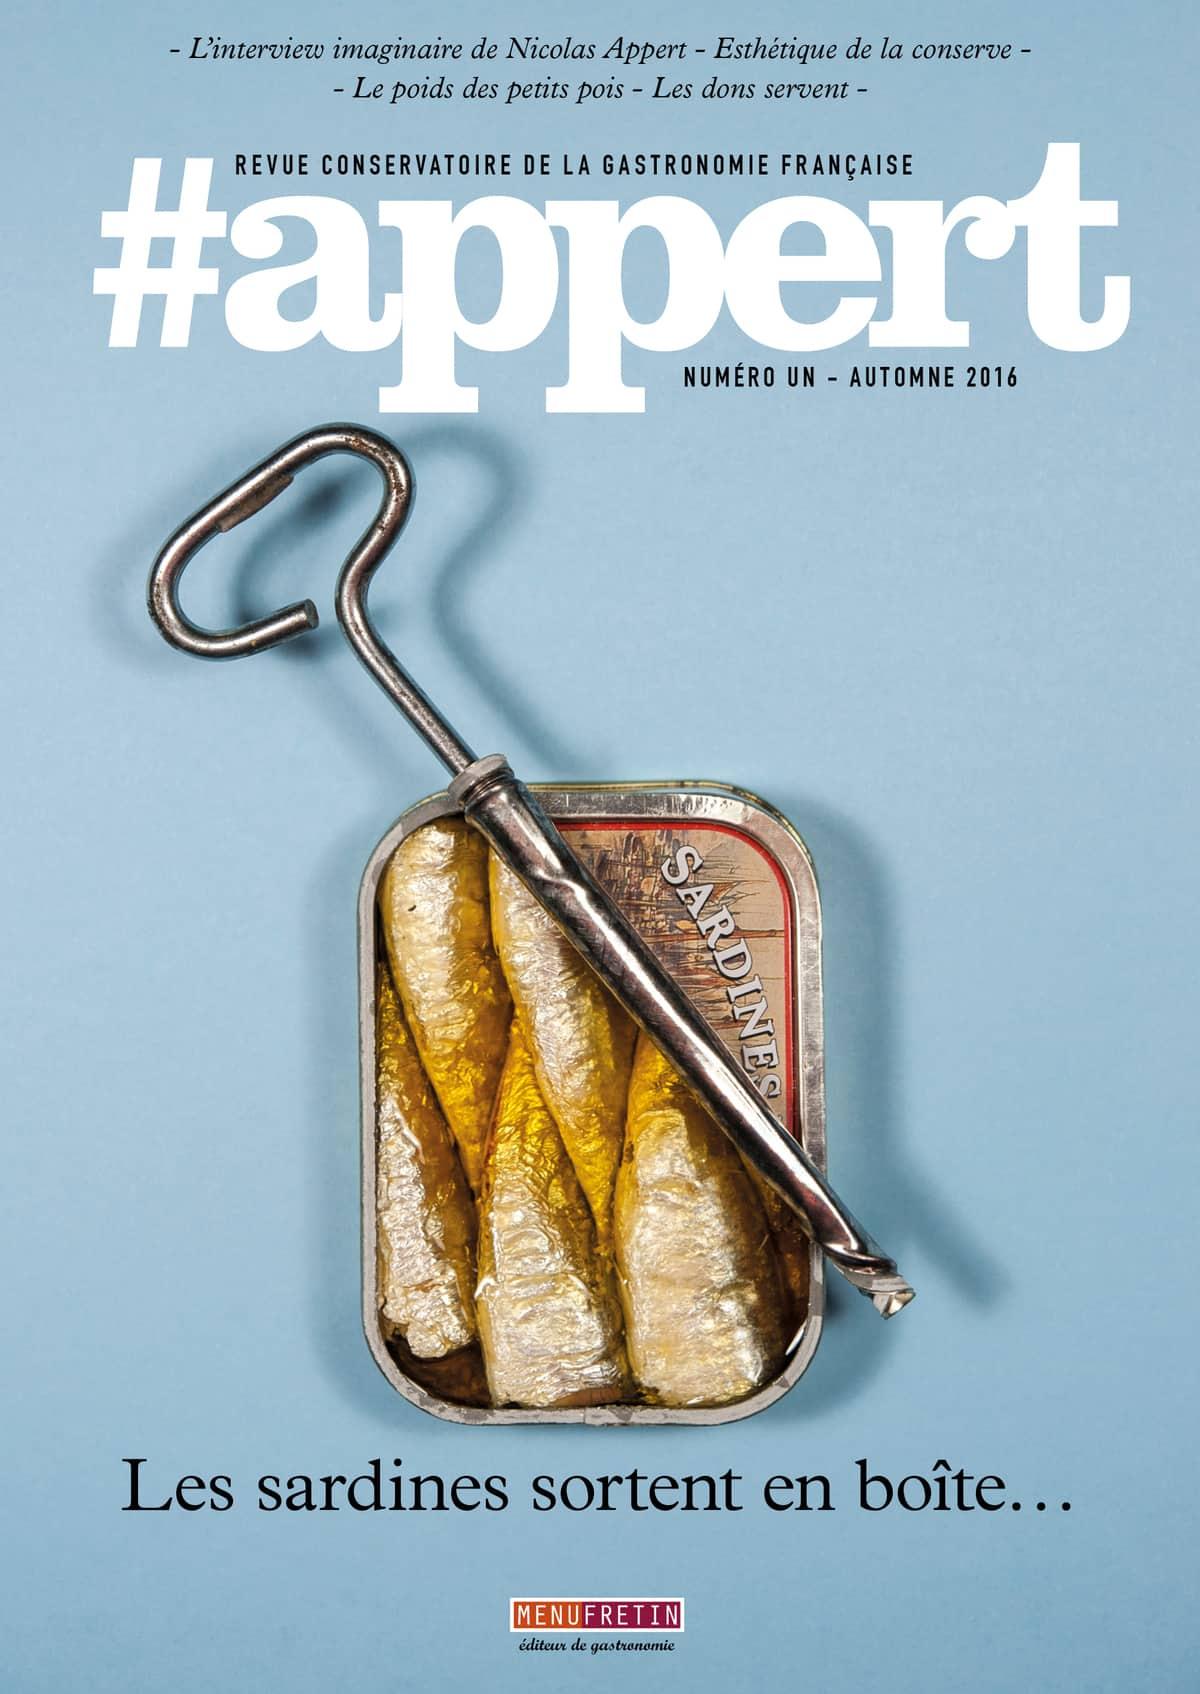 Vient de paraître - #appert, revue conservatoire de la gastronomie française